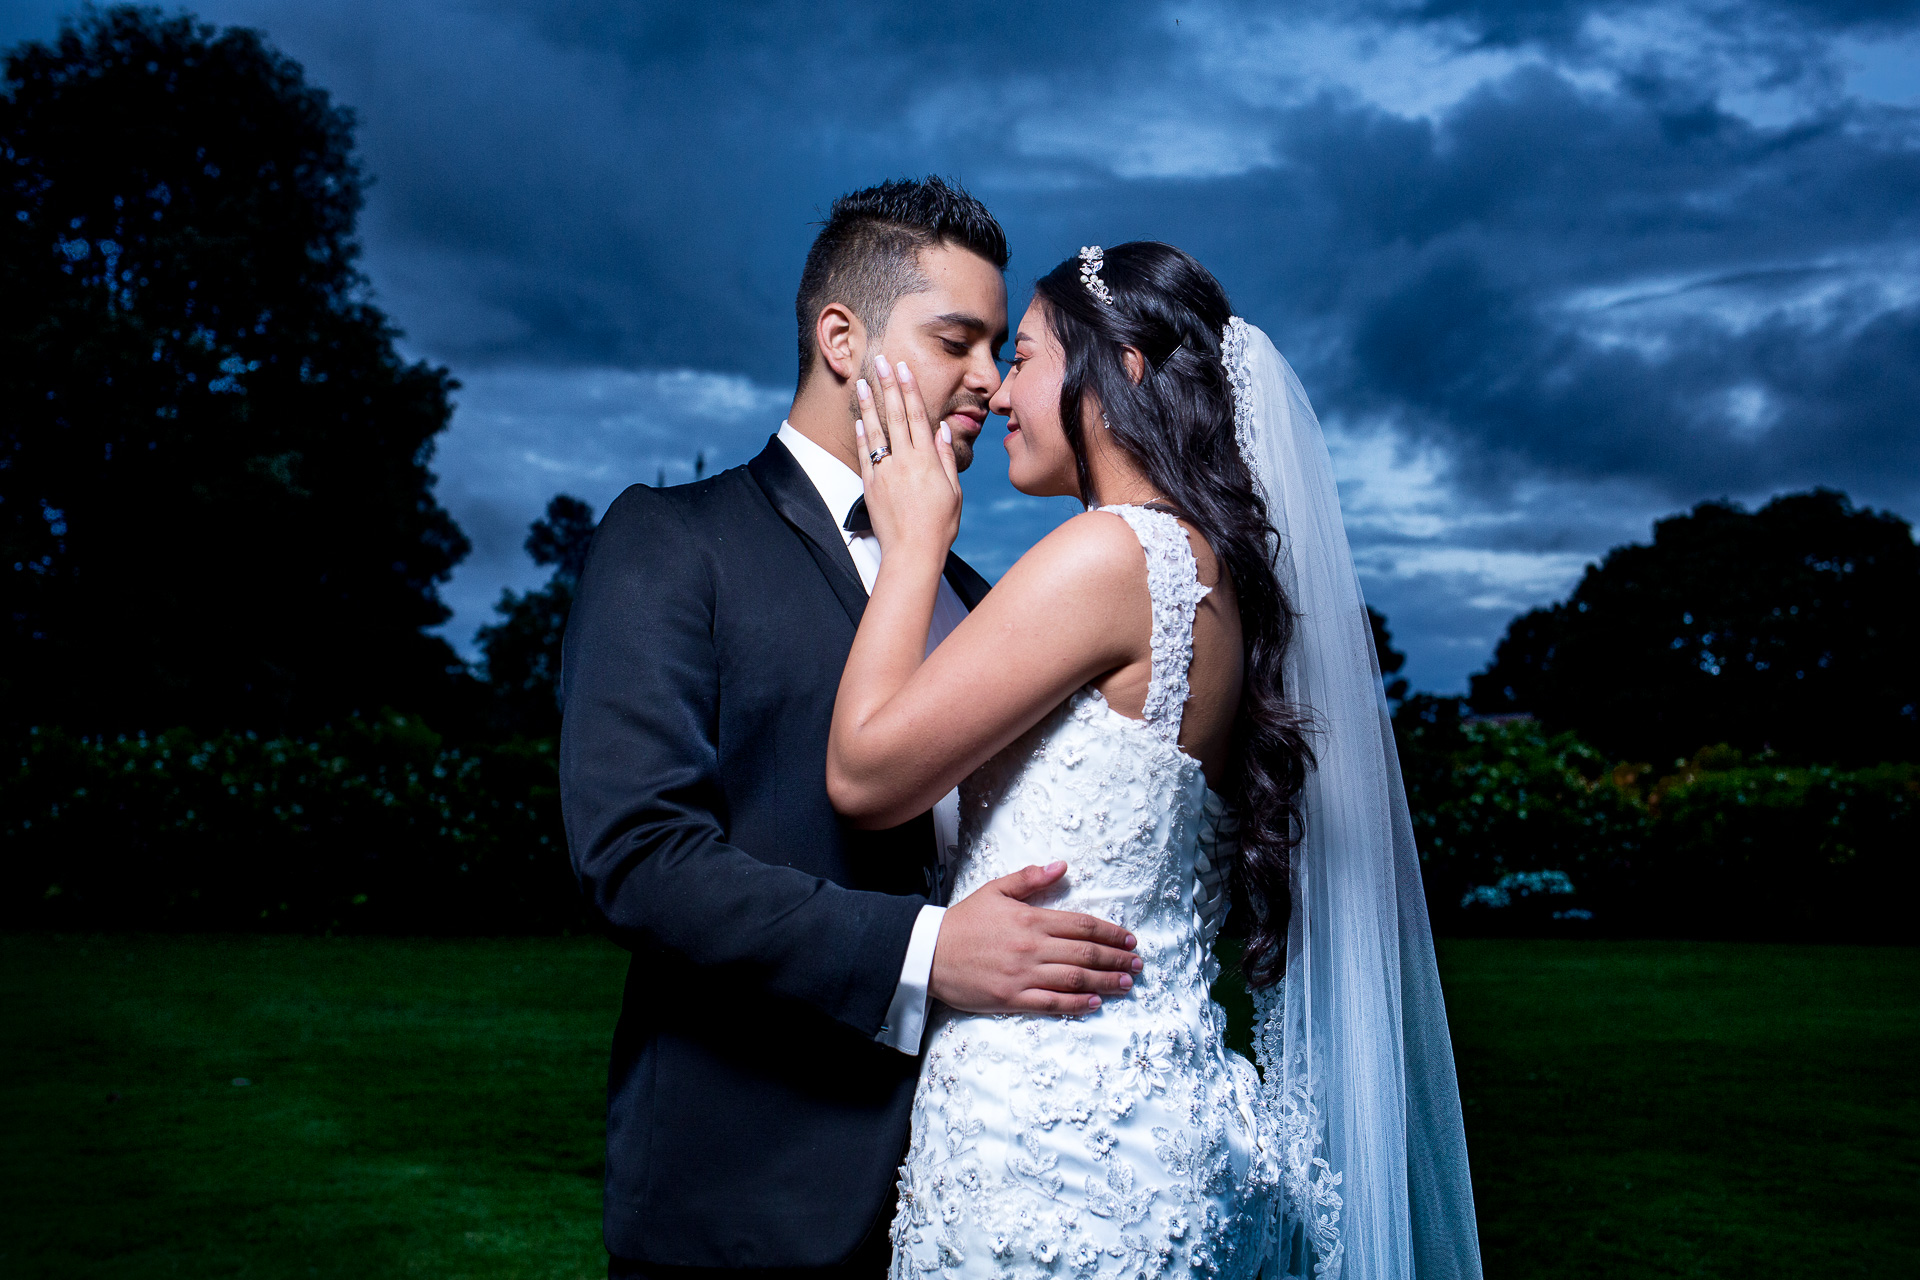 Fotógrafos-de-bodas-en-Colombia-Alejandro-y-Angelica-33-2 ALEJANDRO + ANGELICA